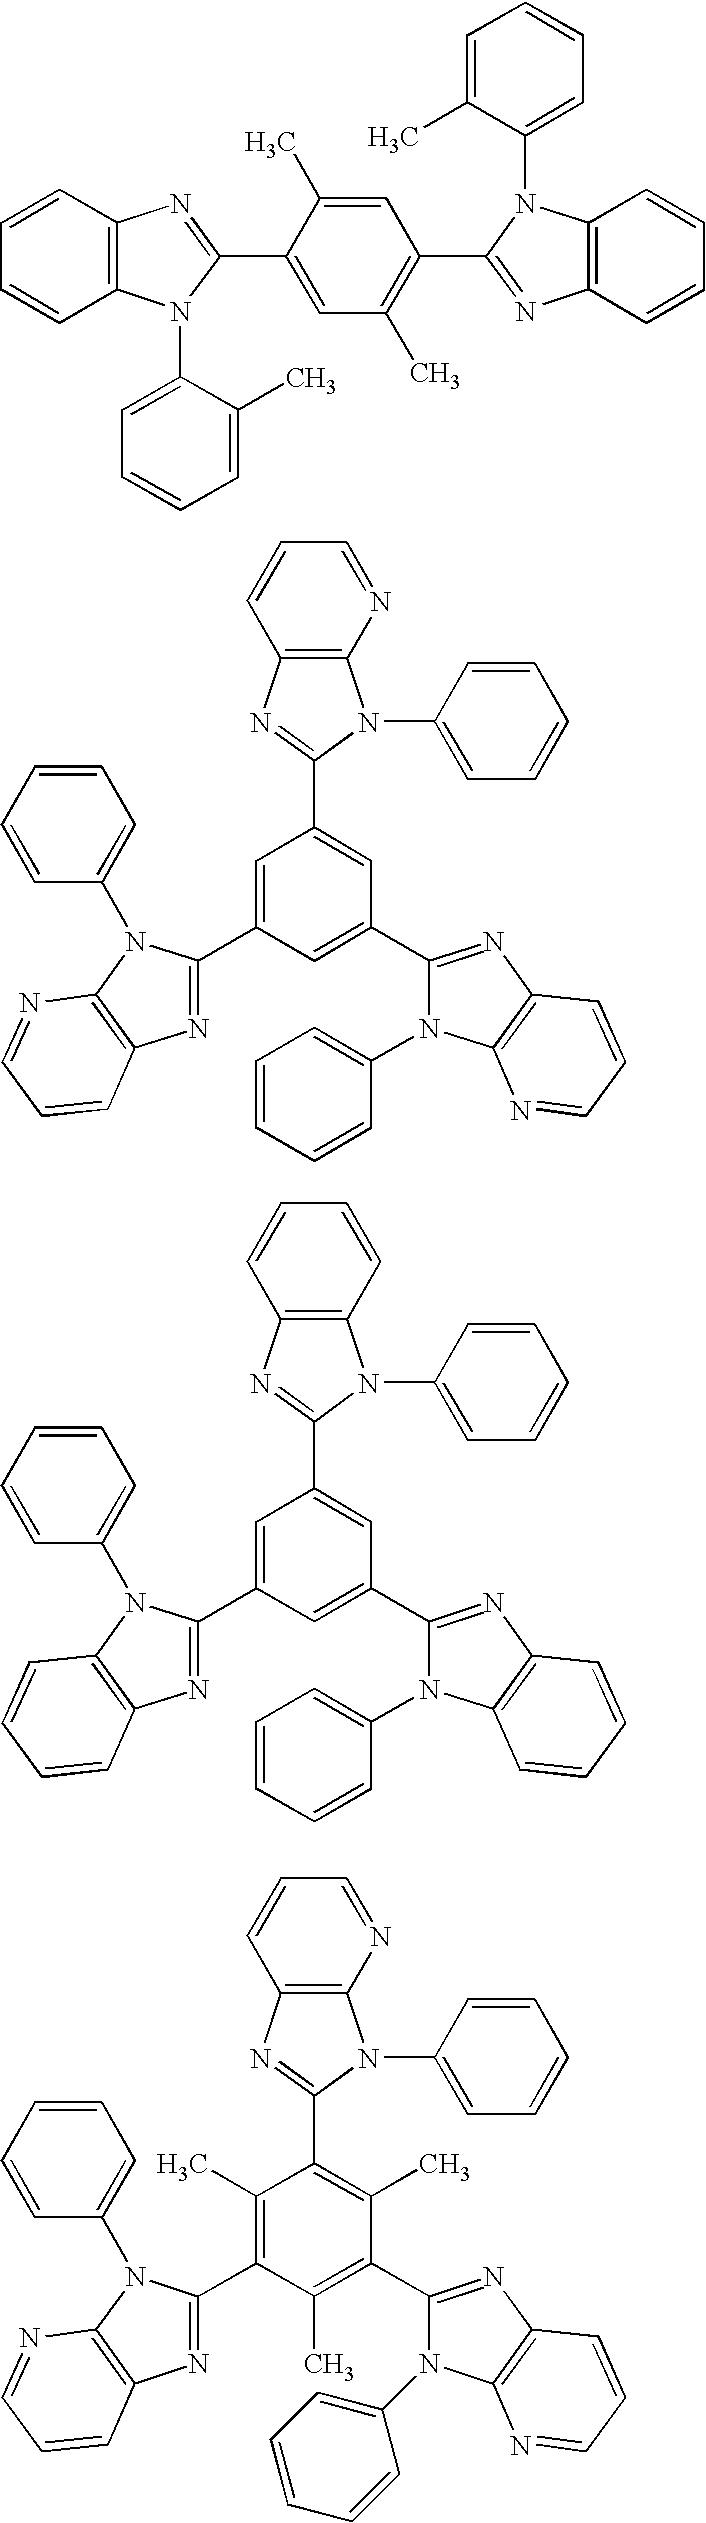 Figure US07608993-20091027-C00024